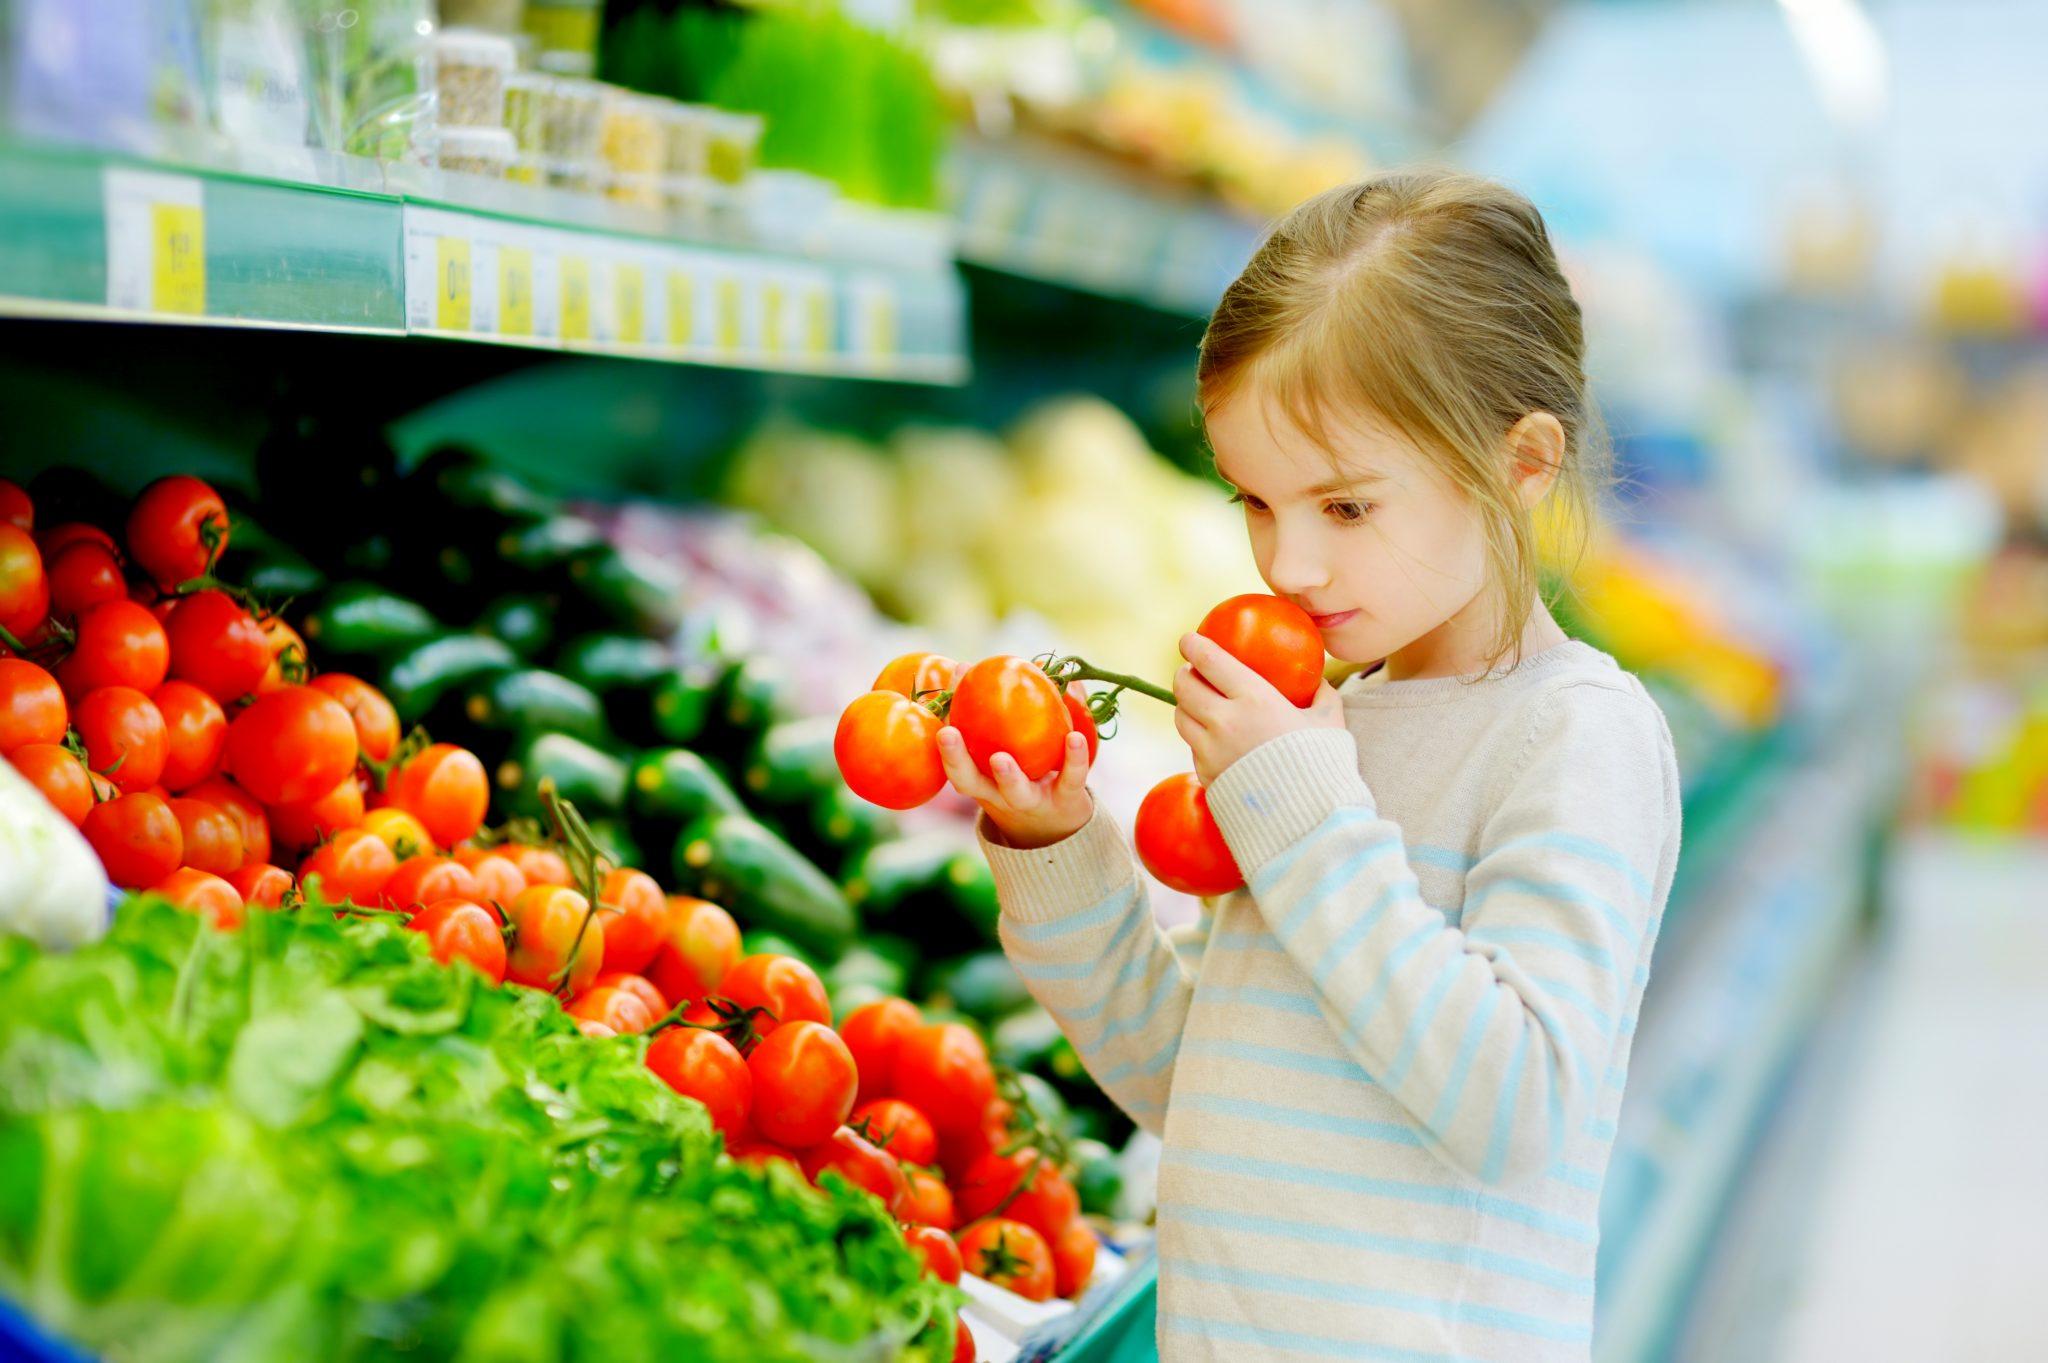 スーパーでトマトを選んでいる女の子